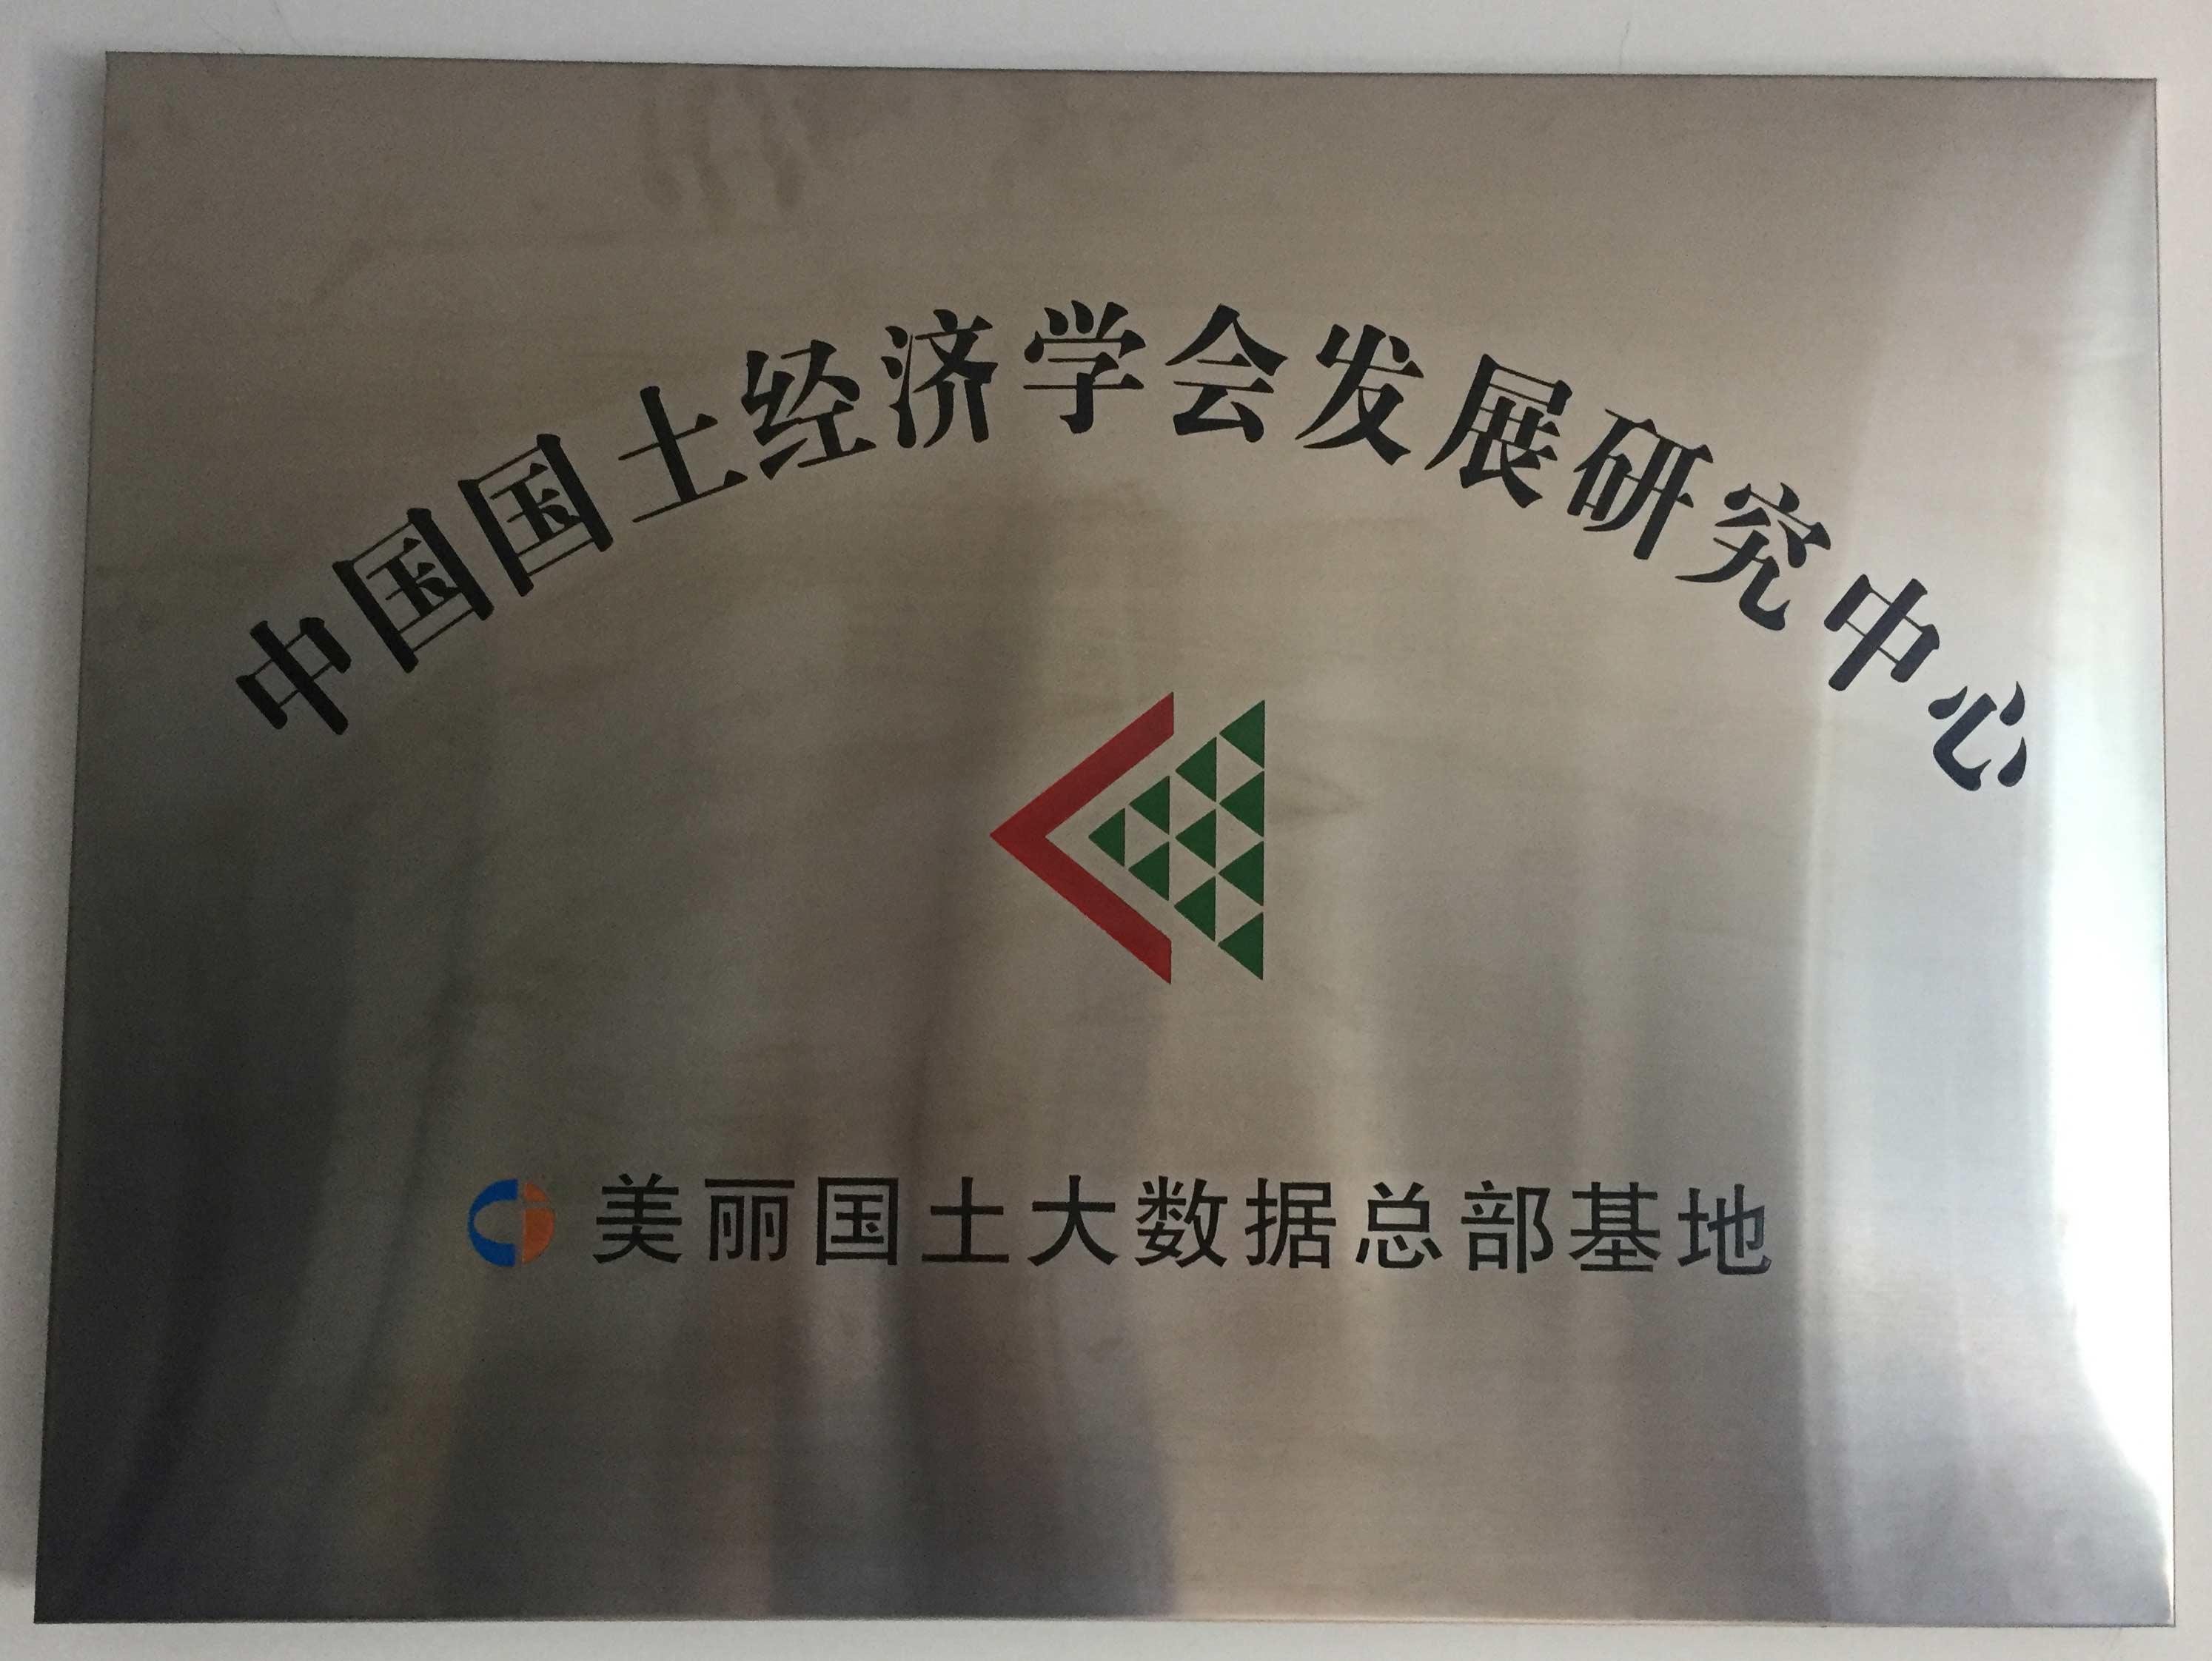 中国国土经济学会发展研究中心美丽国土大数据总部基地